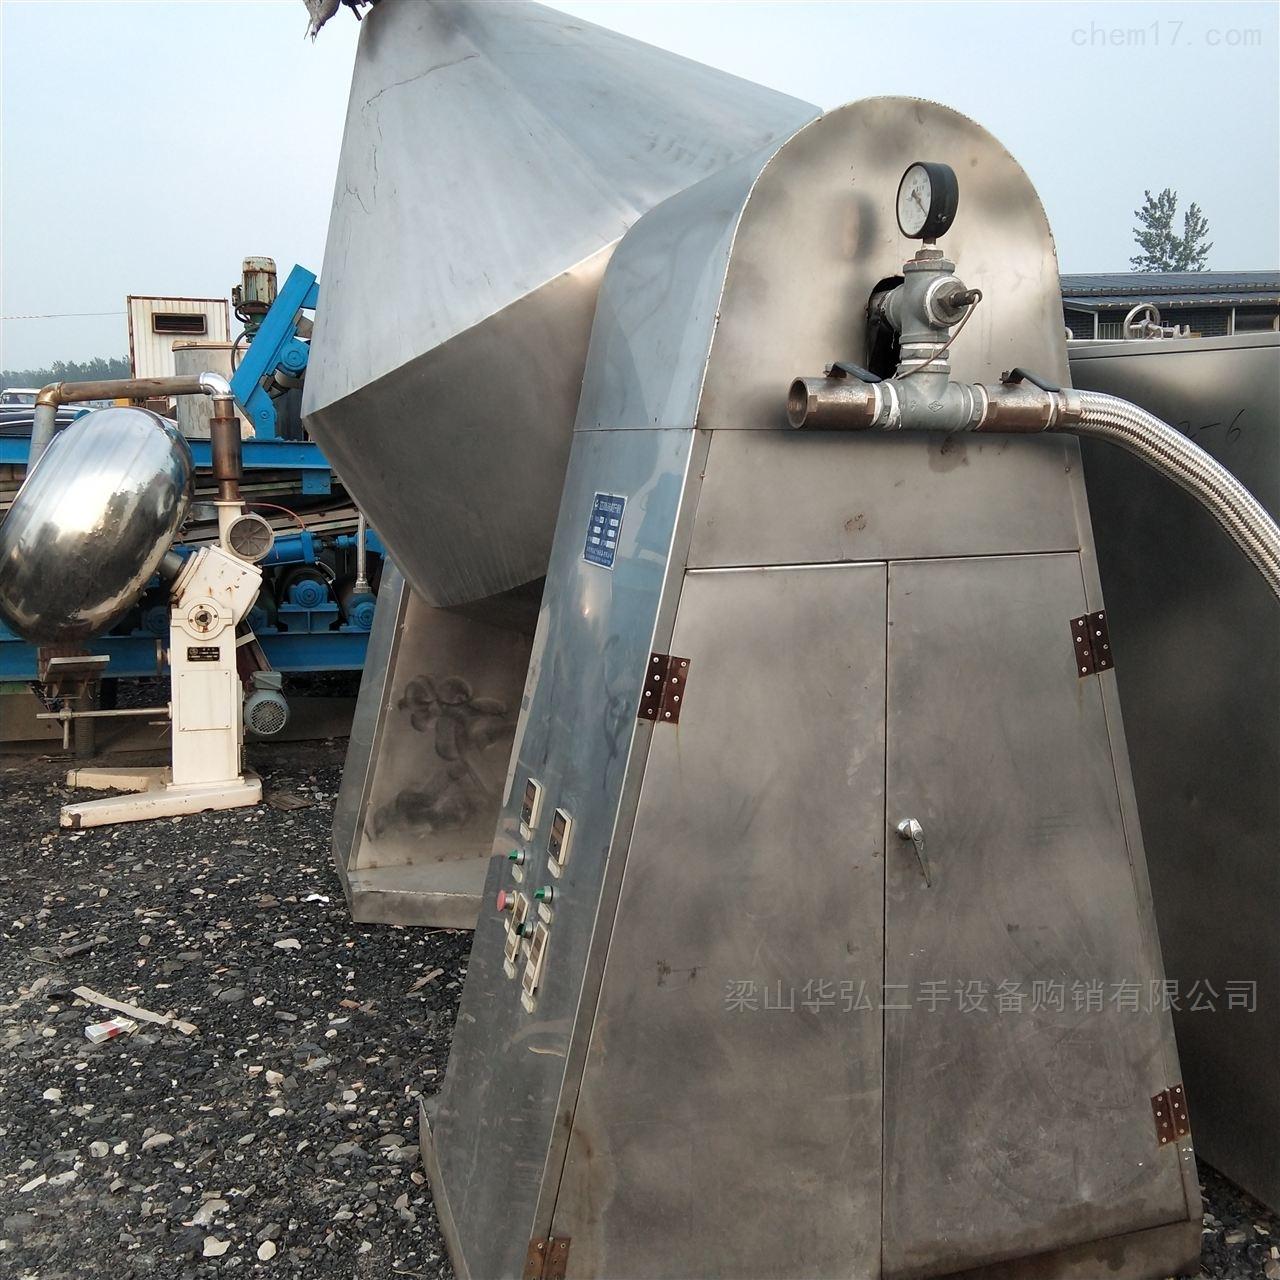 常年回收双锥回转干燥机